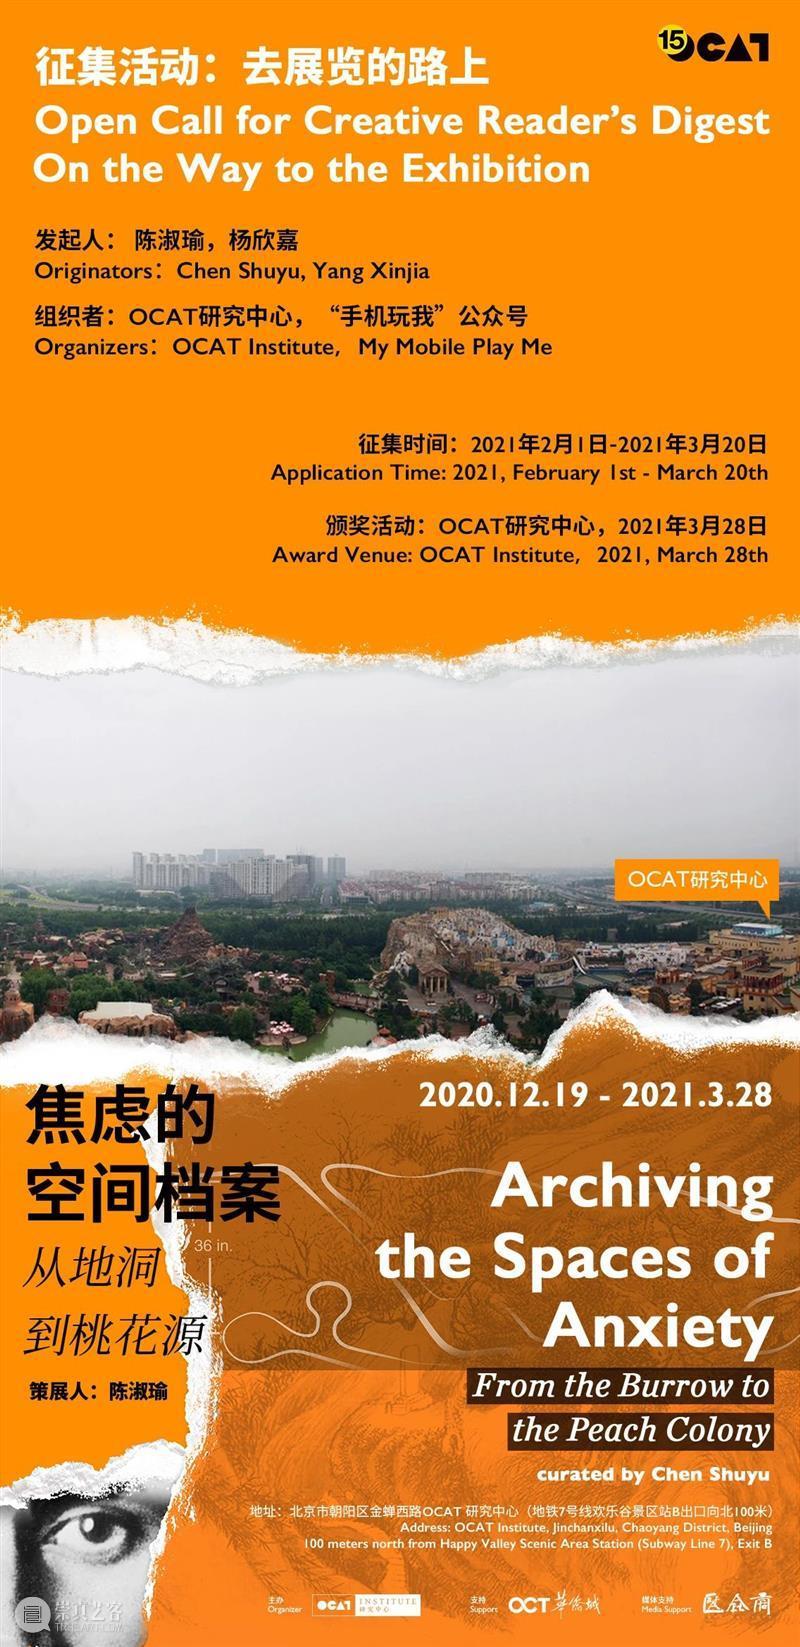 活动提醒|谁干的?关于策展的艺术 策展 艺术 活动 北京时间 主持人 陈淑瑜 主讲人 安德思·耶丁 Gedin 语言 崇真艺客